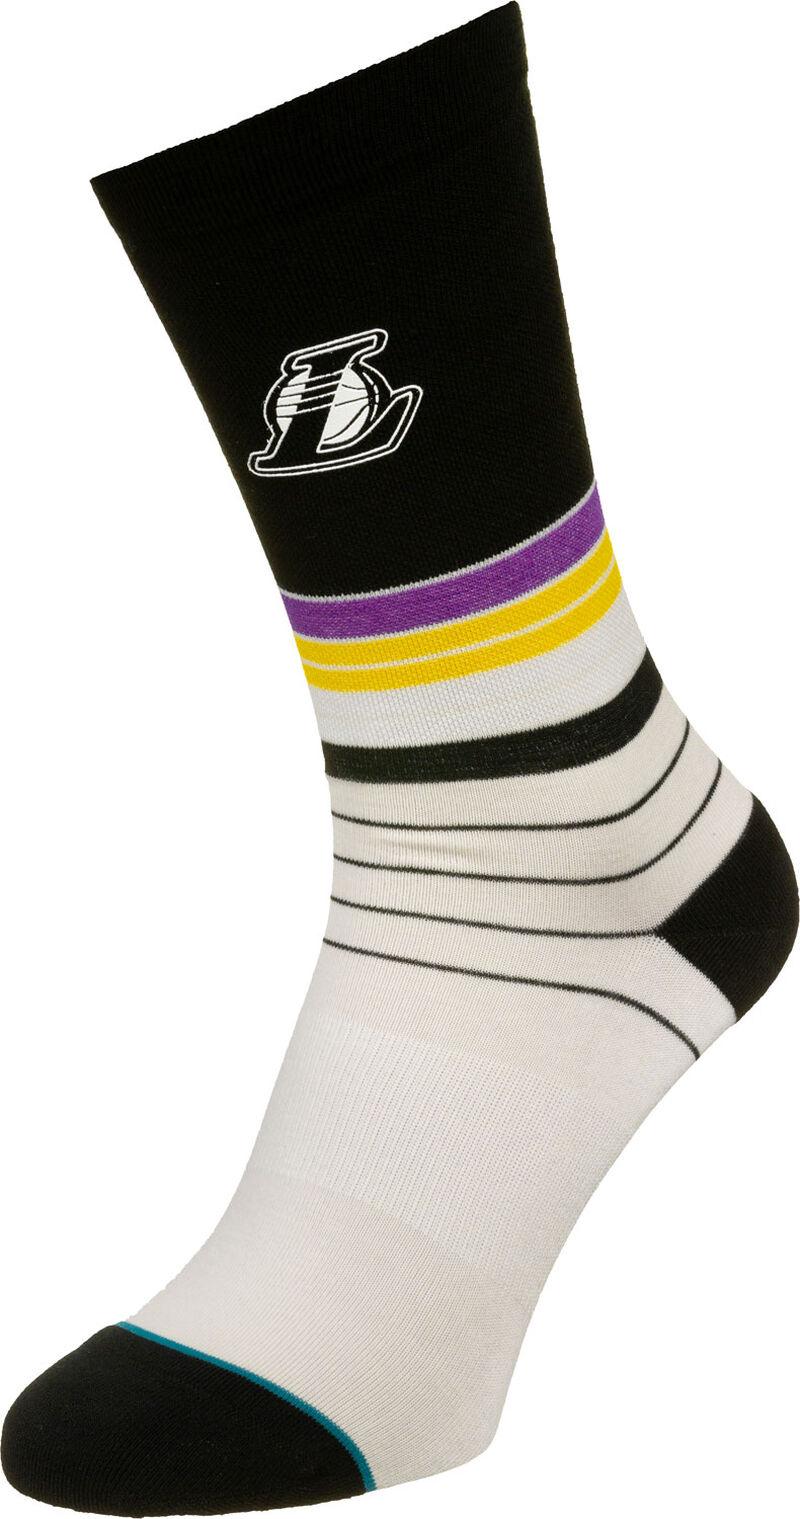 Lakers Baseline